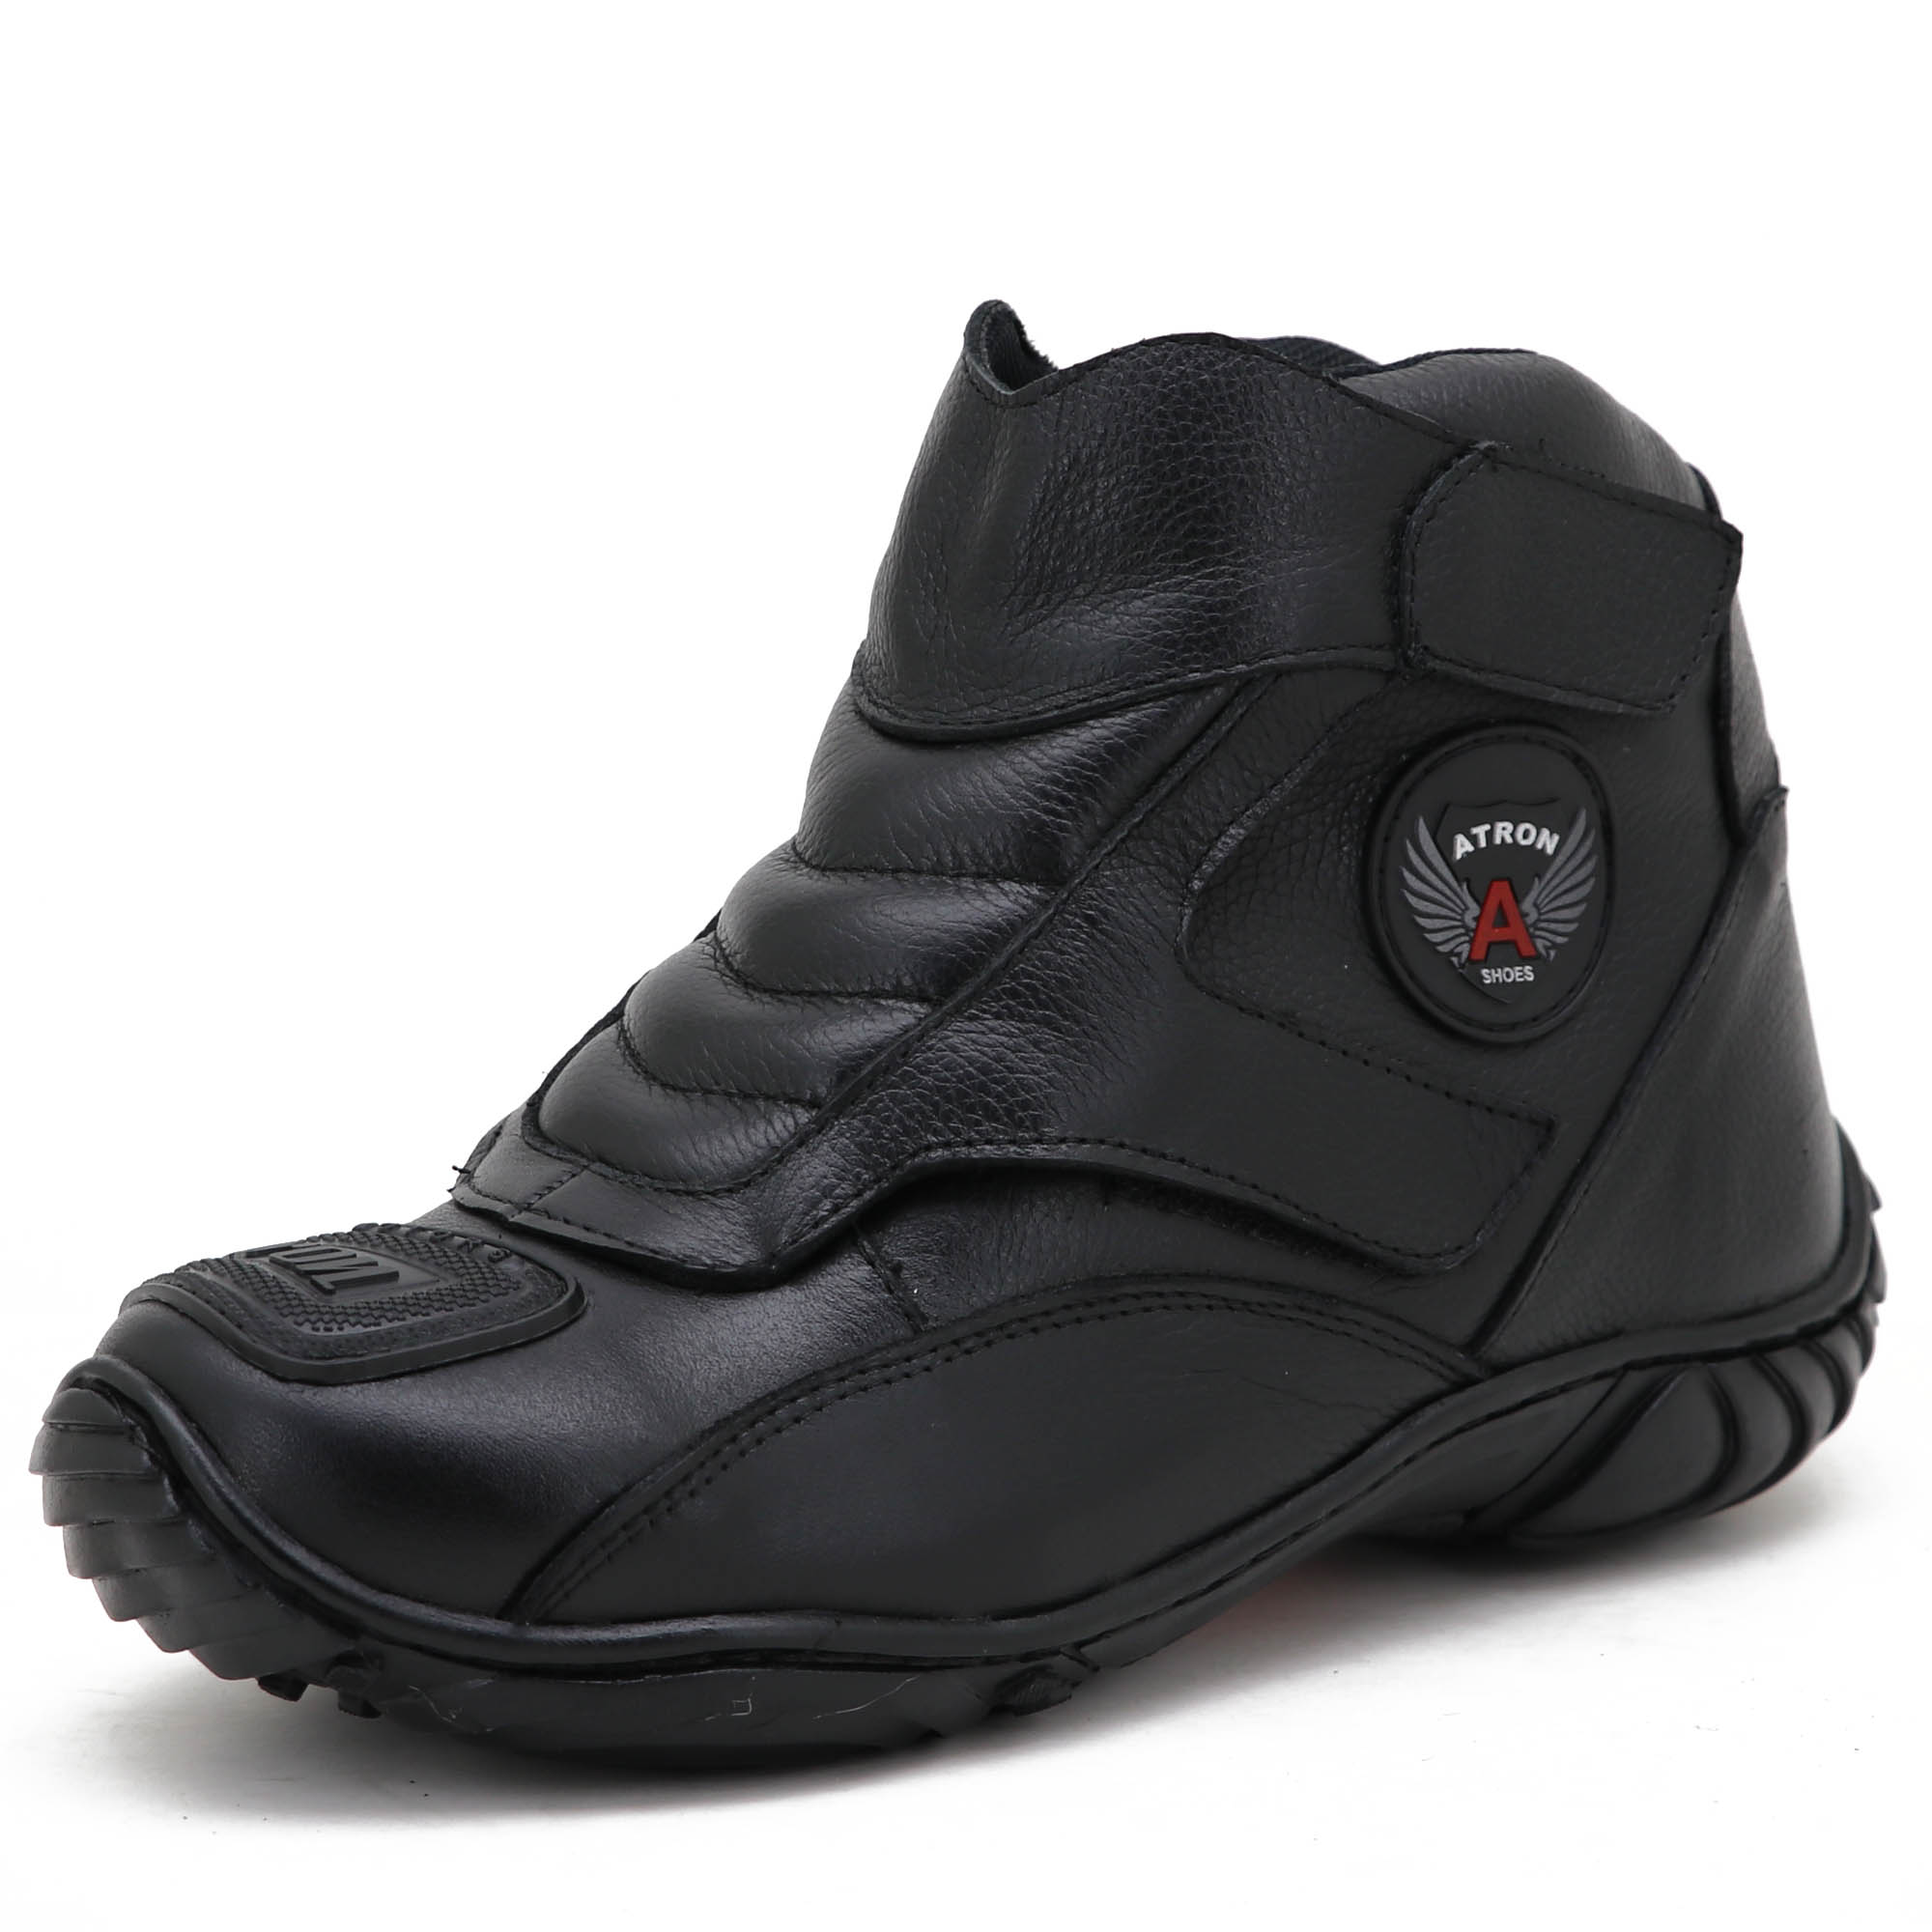 Tênis bota motociclista couro preto unissex 270 com chinela estampada Atron Shoes e GRATIS UMA CARTEIRA